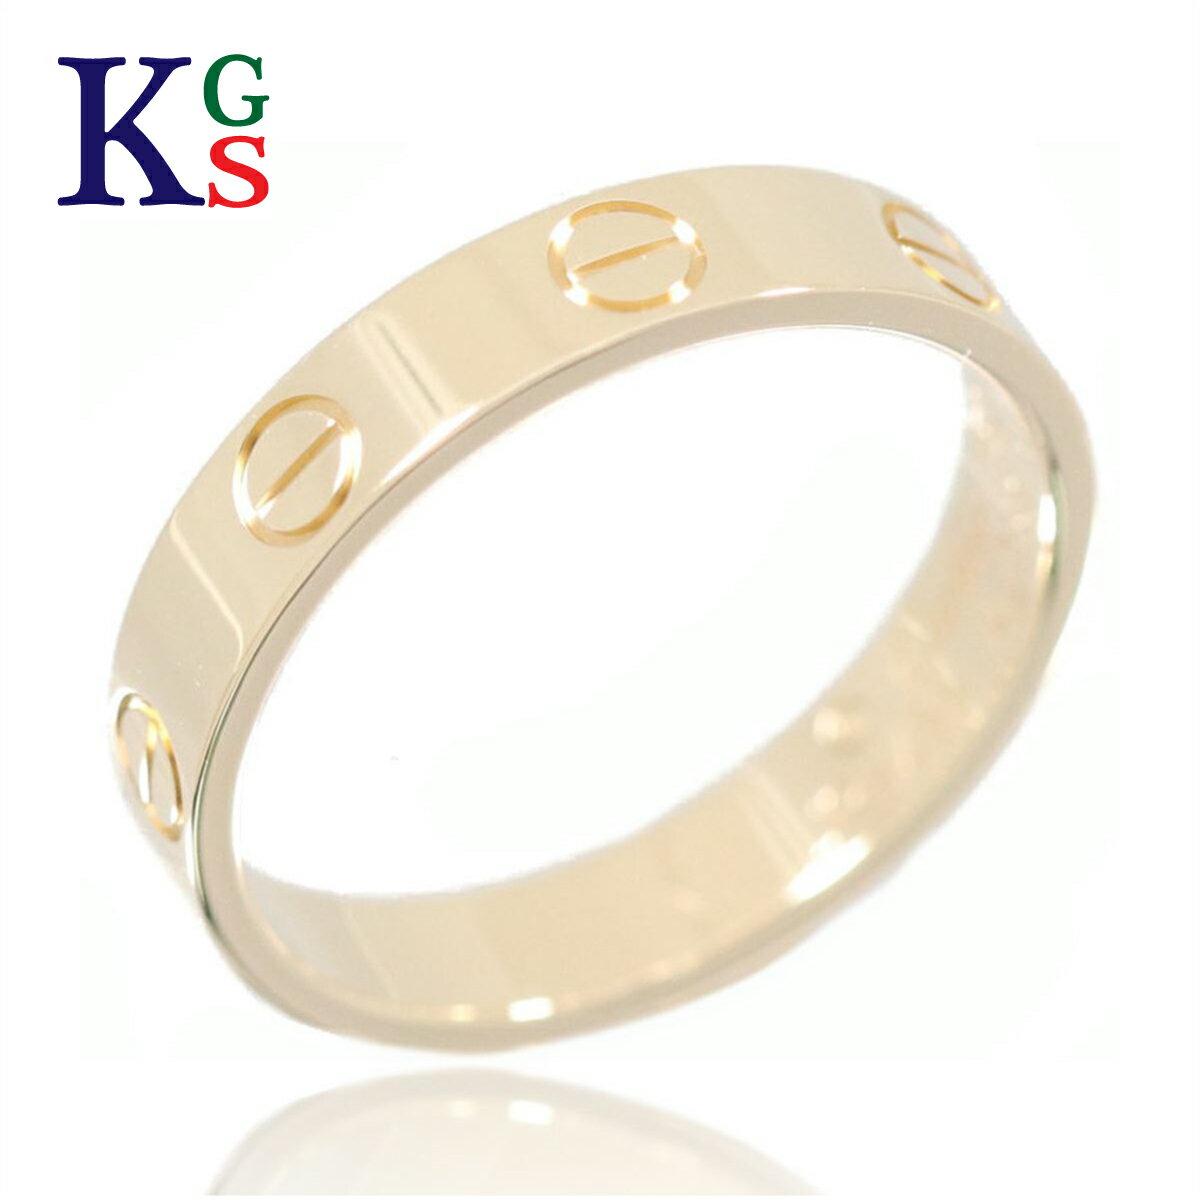 【新古品】カルティエ/Cartier / ジュエリー リング 指輪 レディース メンズ / ミニラブリング K18YG イエローゴールド / B4085000